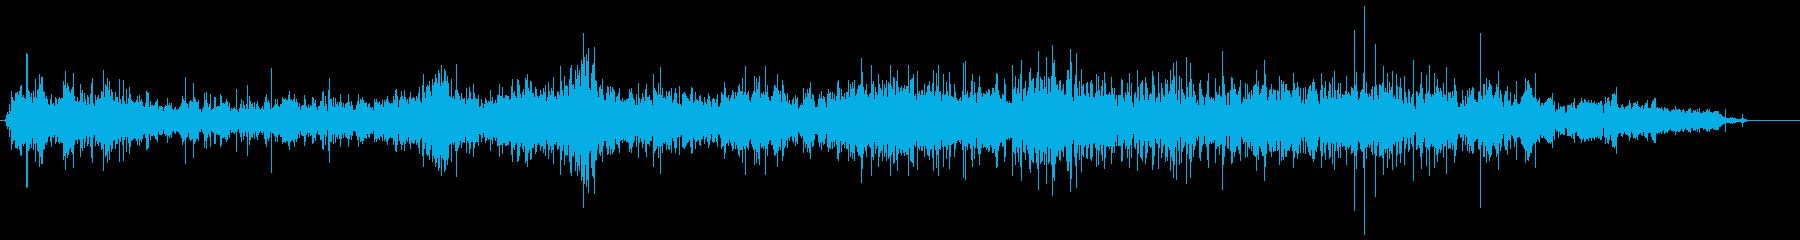 オープンホースドローキャリッジ;コ...の再生済みの波形